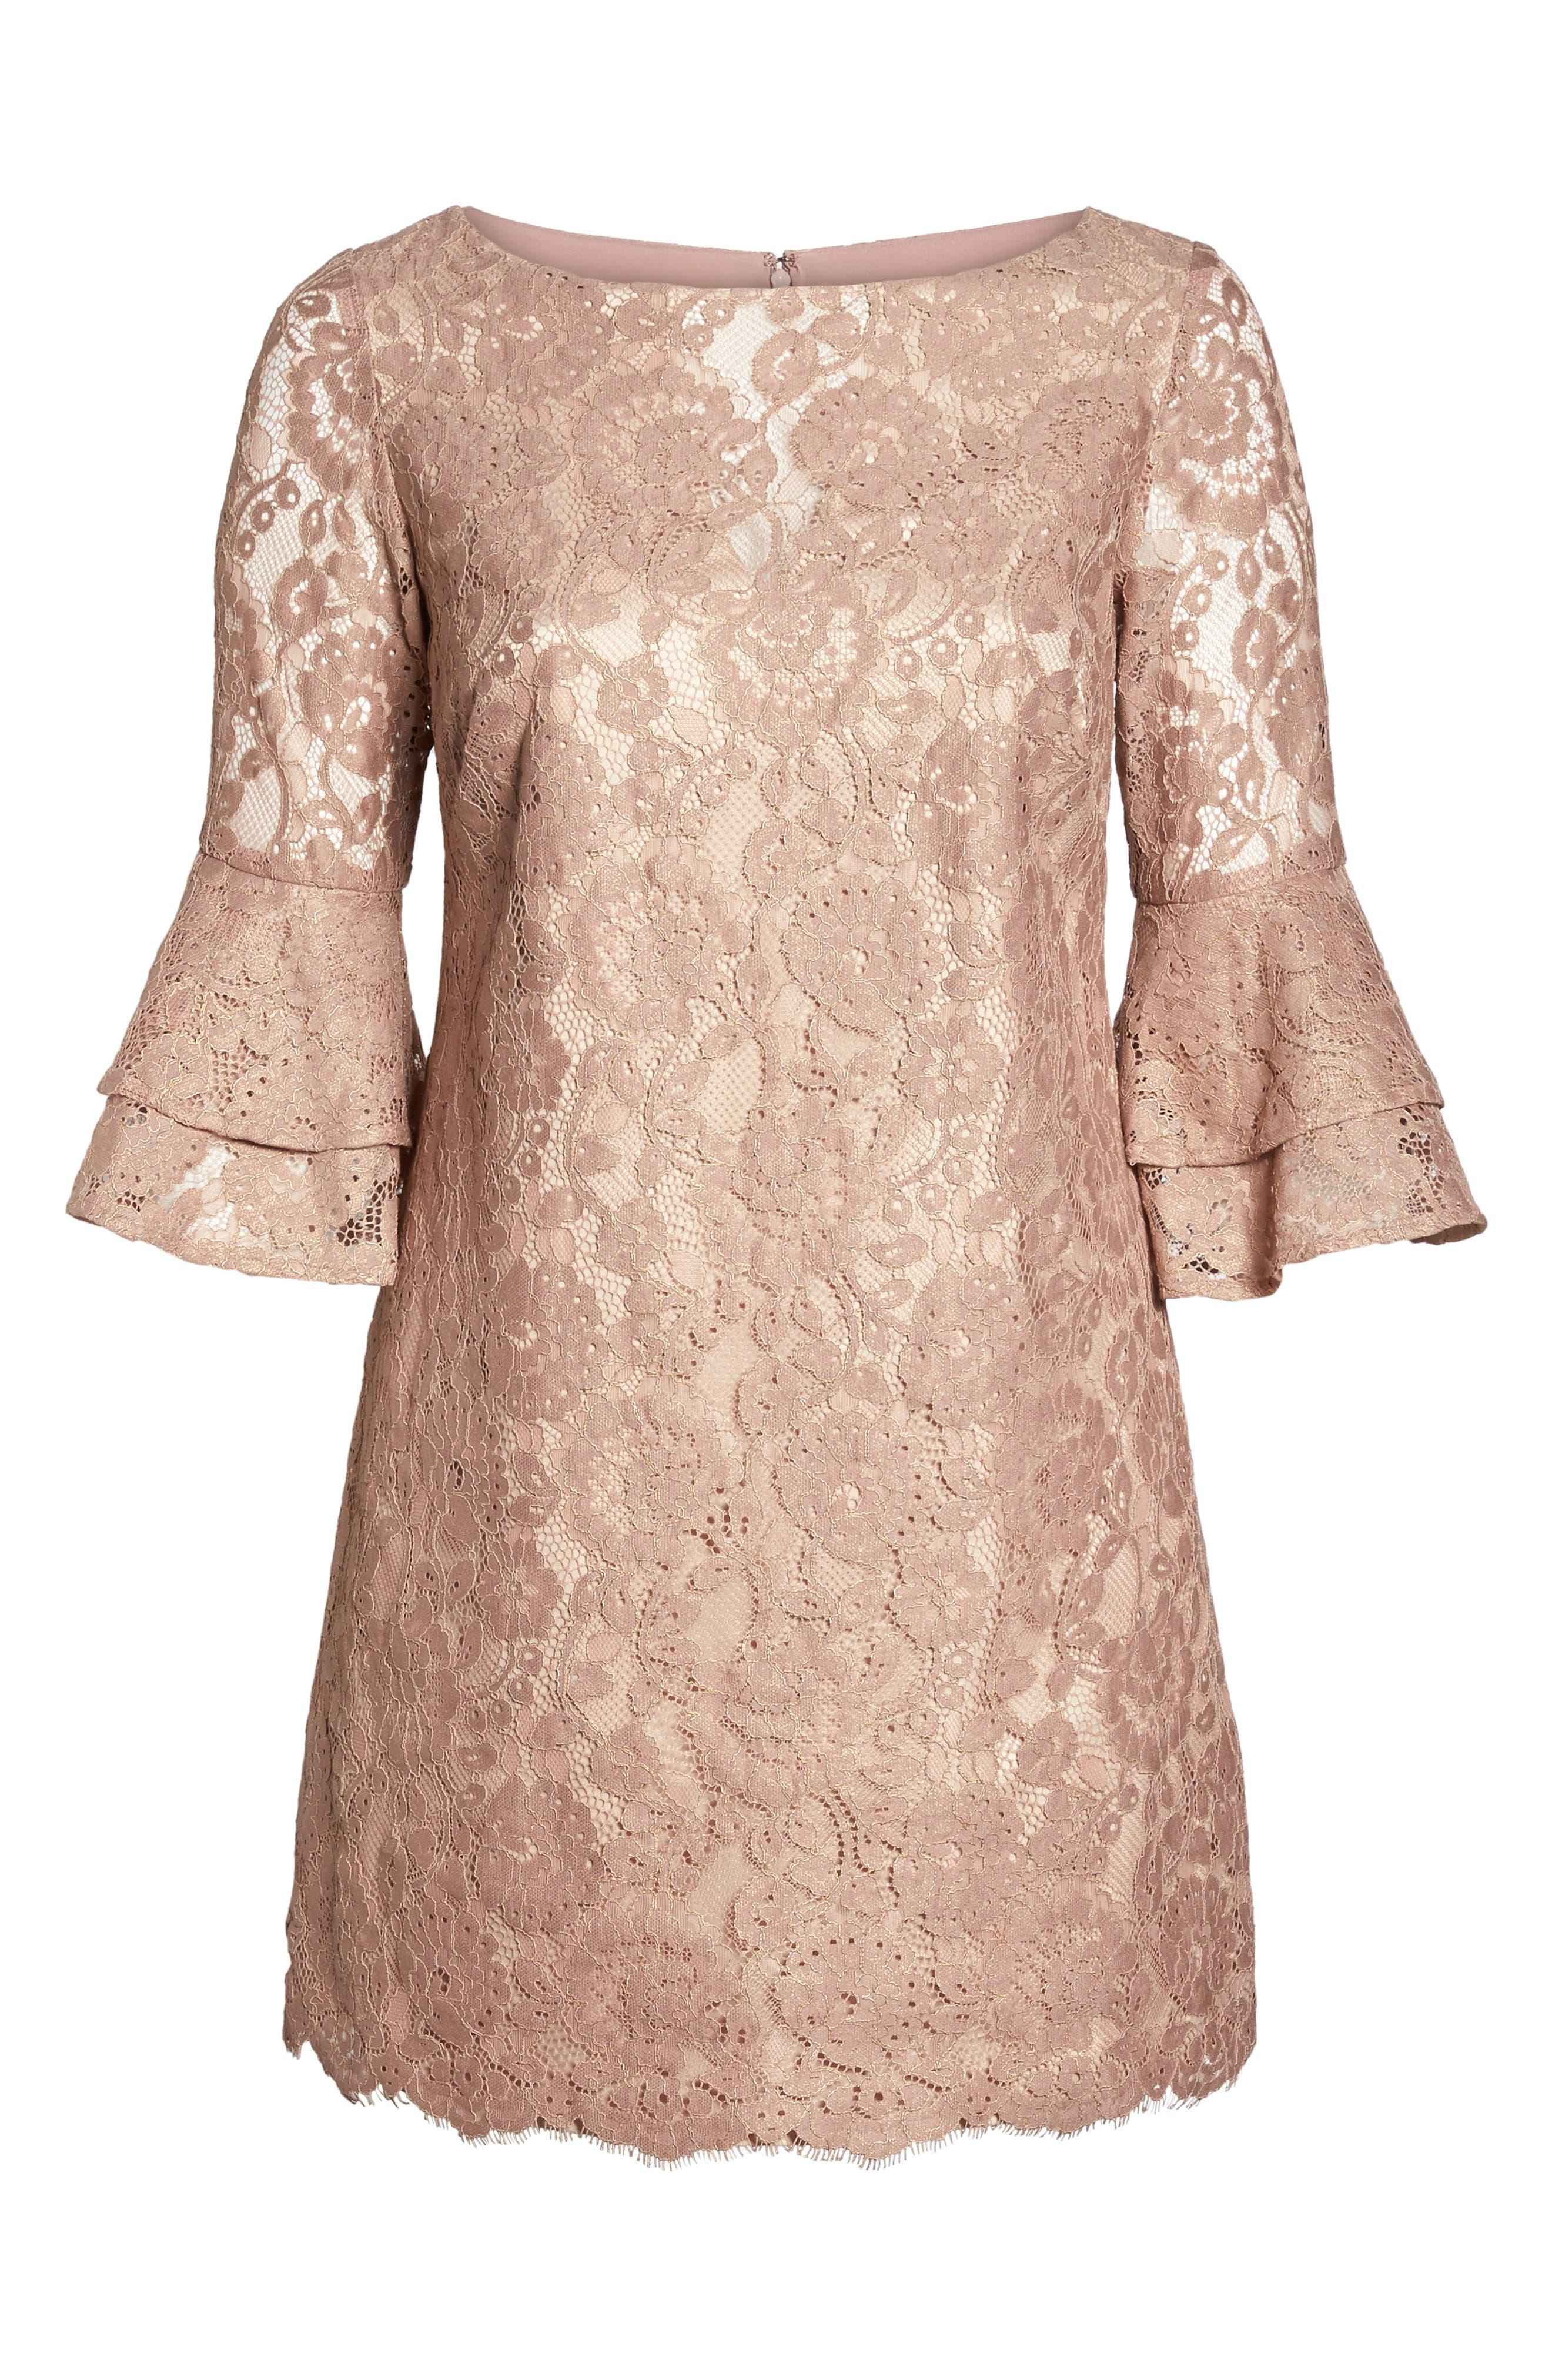 Ruffle Cuff Lace Shift Dress,                             Alternate thumbnail 6, color,                             Blush